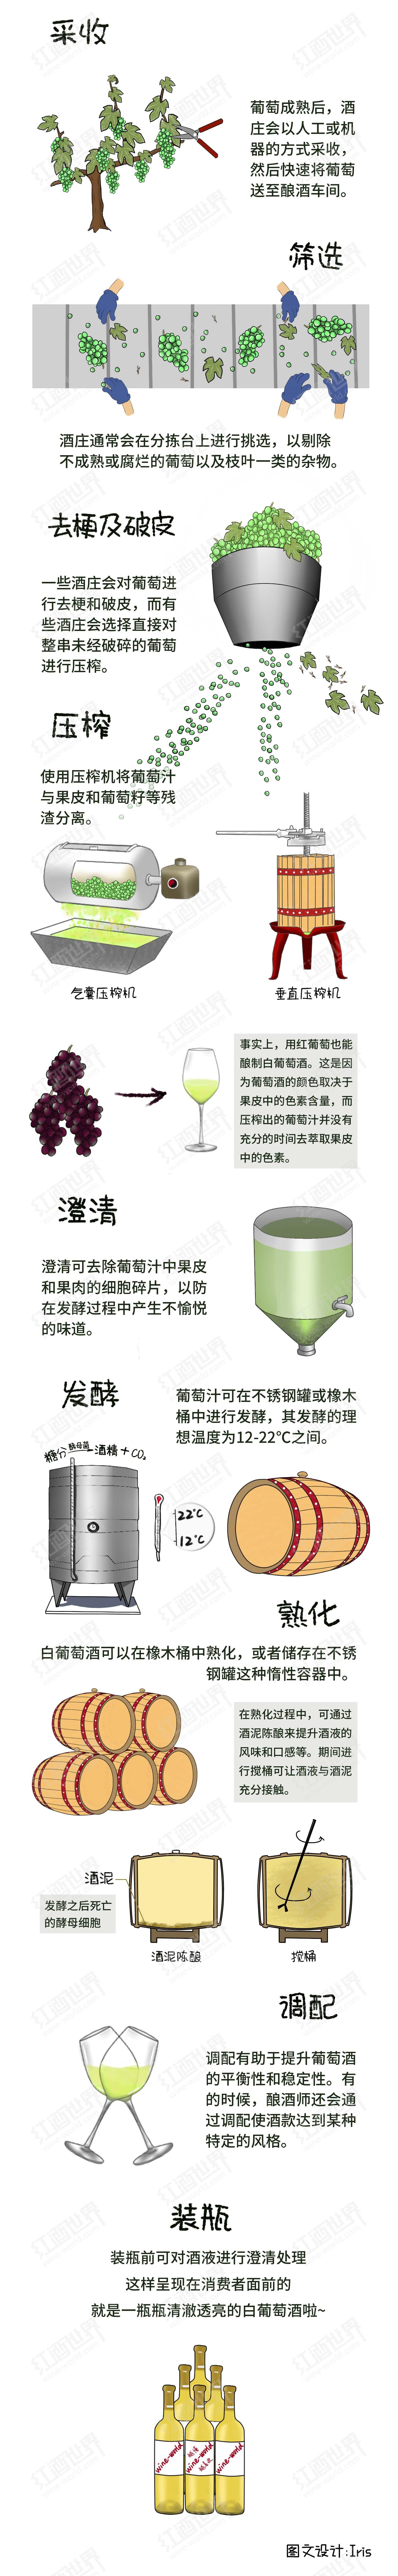 一张图揭秘白葡萄酒的酿造过程